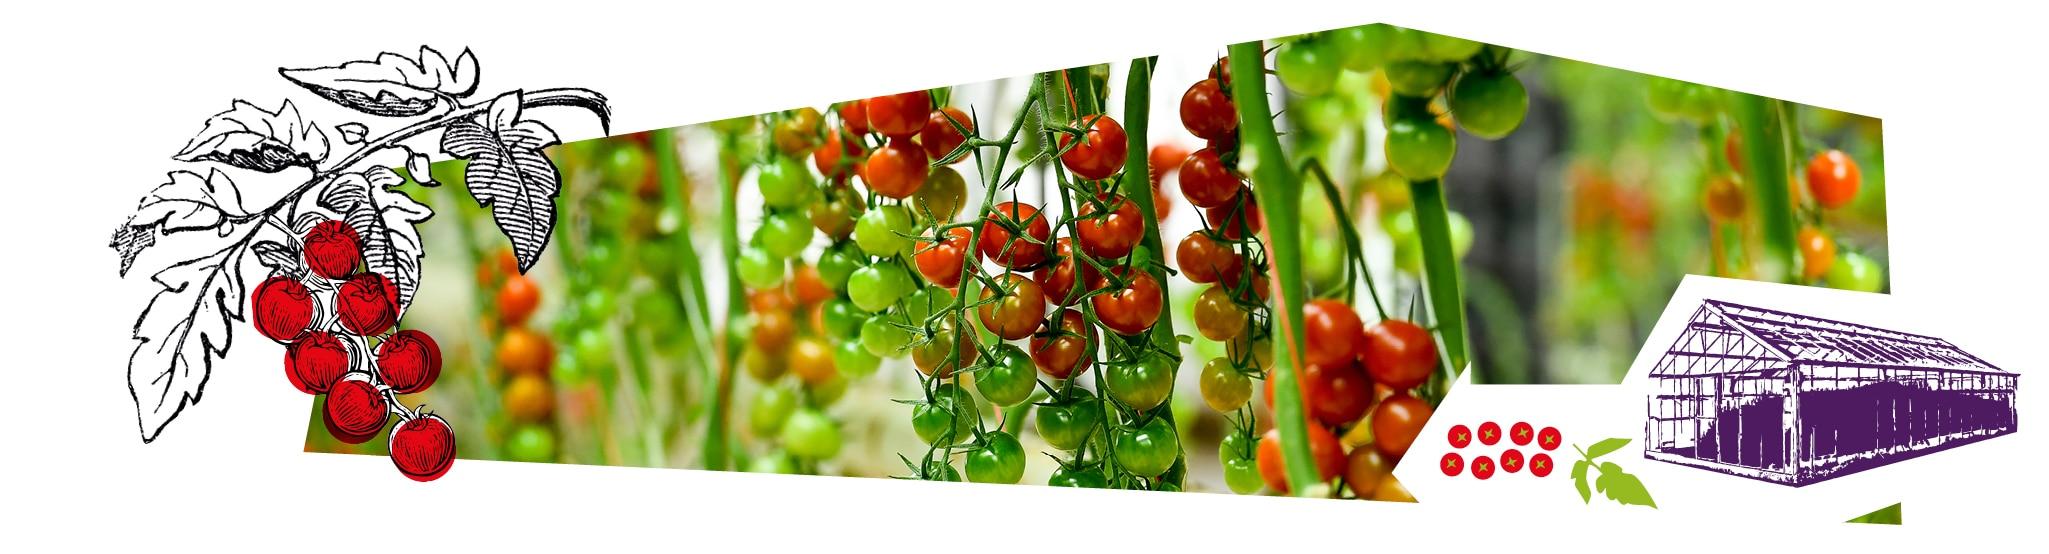 Gros plan sur les grappes de tomates-cerises vertes et rouges en train de mûrir dans la serre.Gros plan sur les grappes de tomates-cerises vertes et rouges en train de mûrir dans la serre.